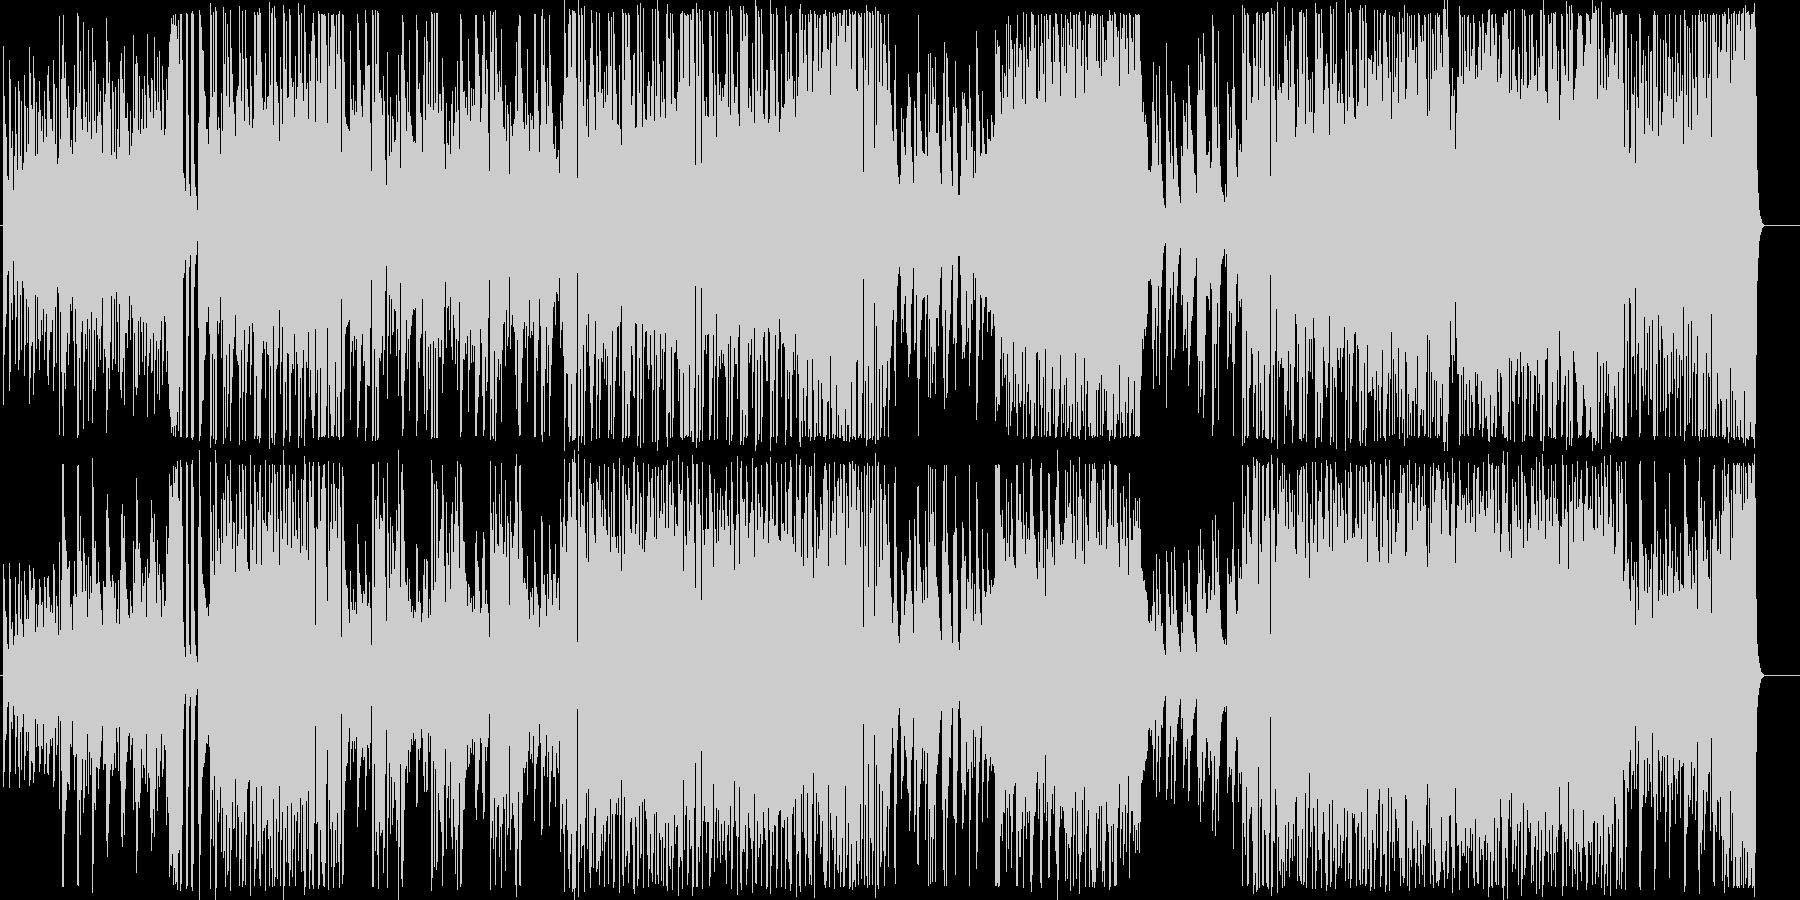 ノリノリの明るいギターインストの未再生の波形